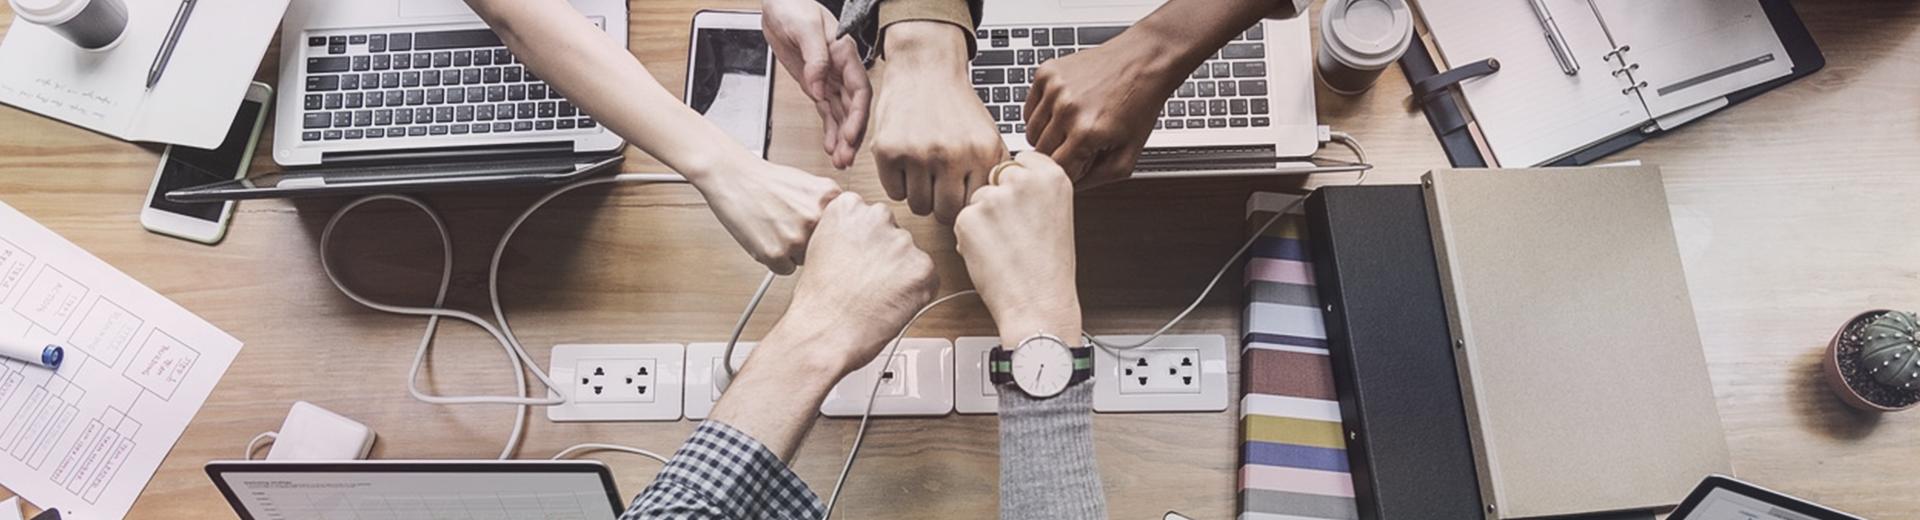 Le bien-être en start-up, bien-être au travail, qualité de vie au travail